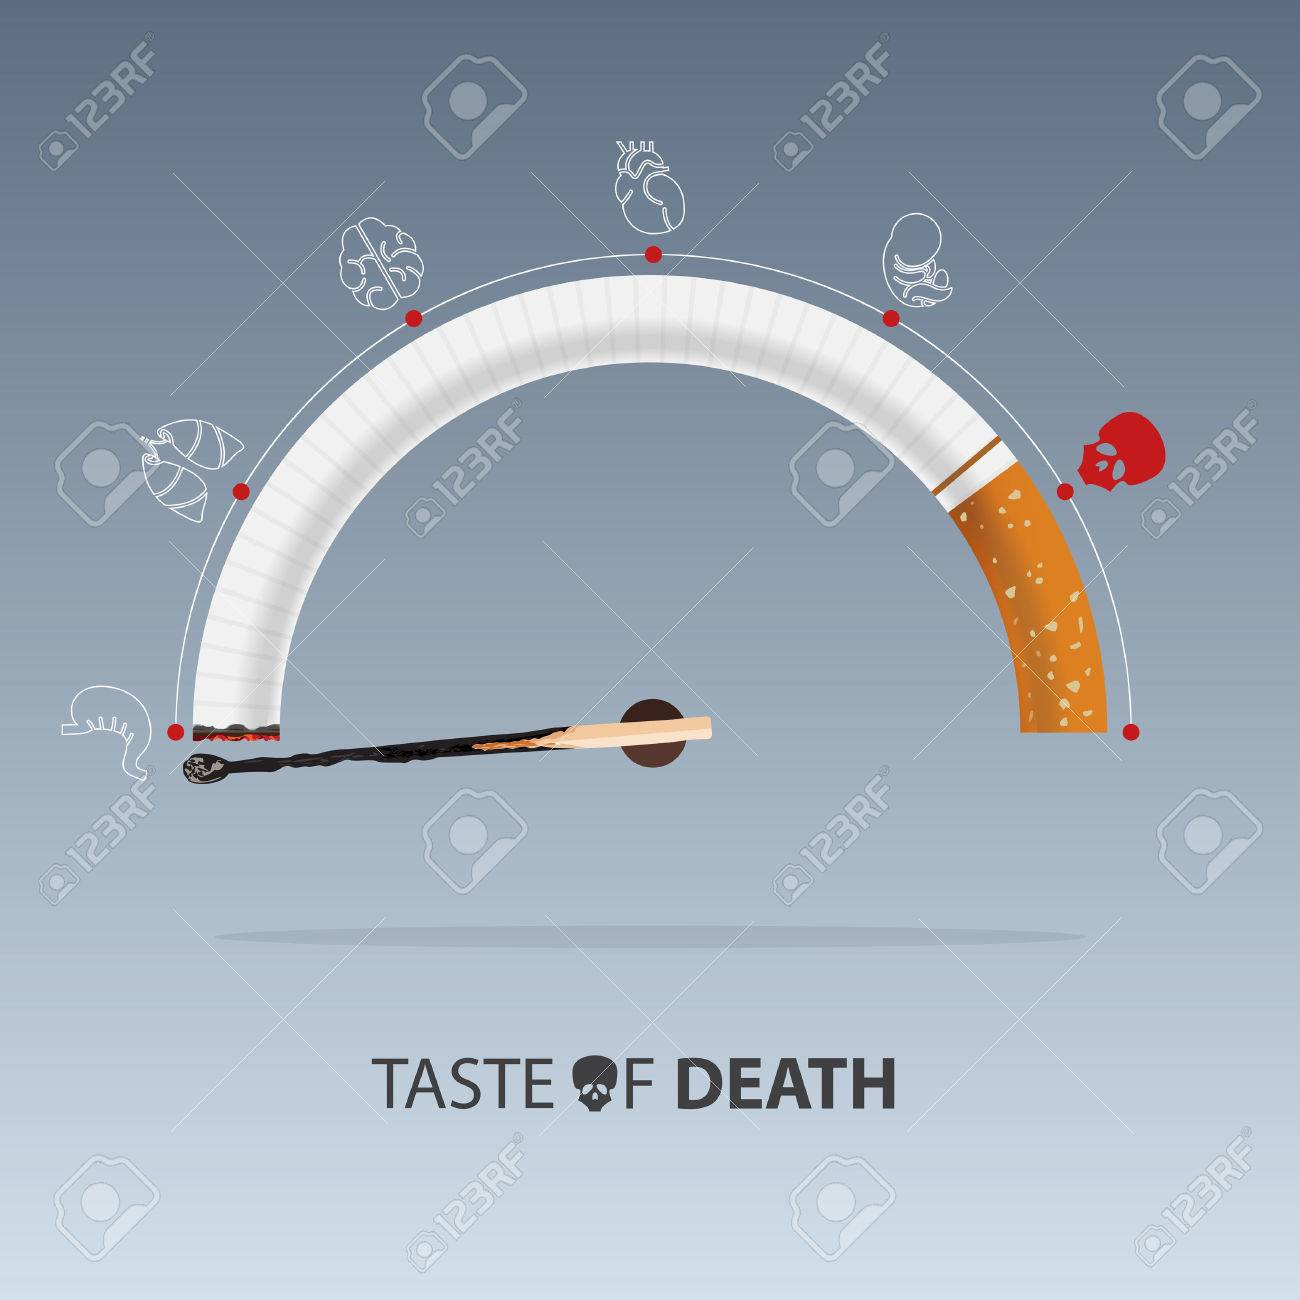 May 31st World No Tobacco Day. No Smoking Day Awareness. Stop Smoke Campaign. Vector Illustration. - 75994919